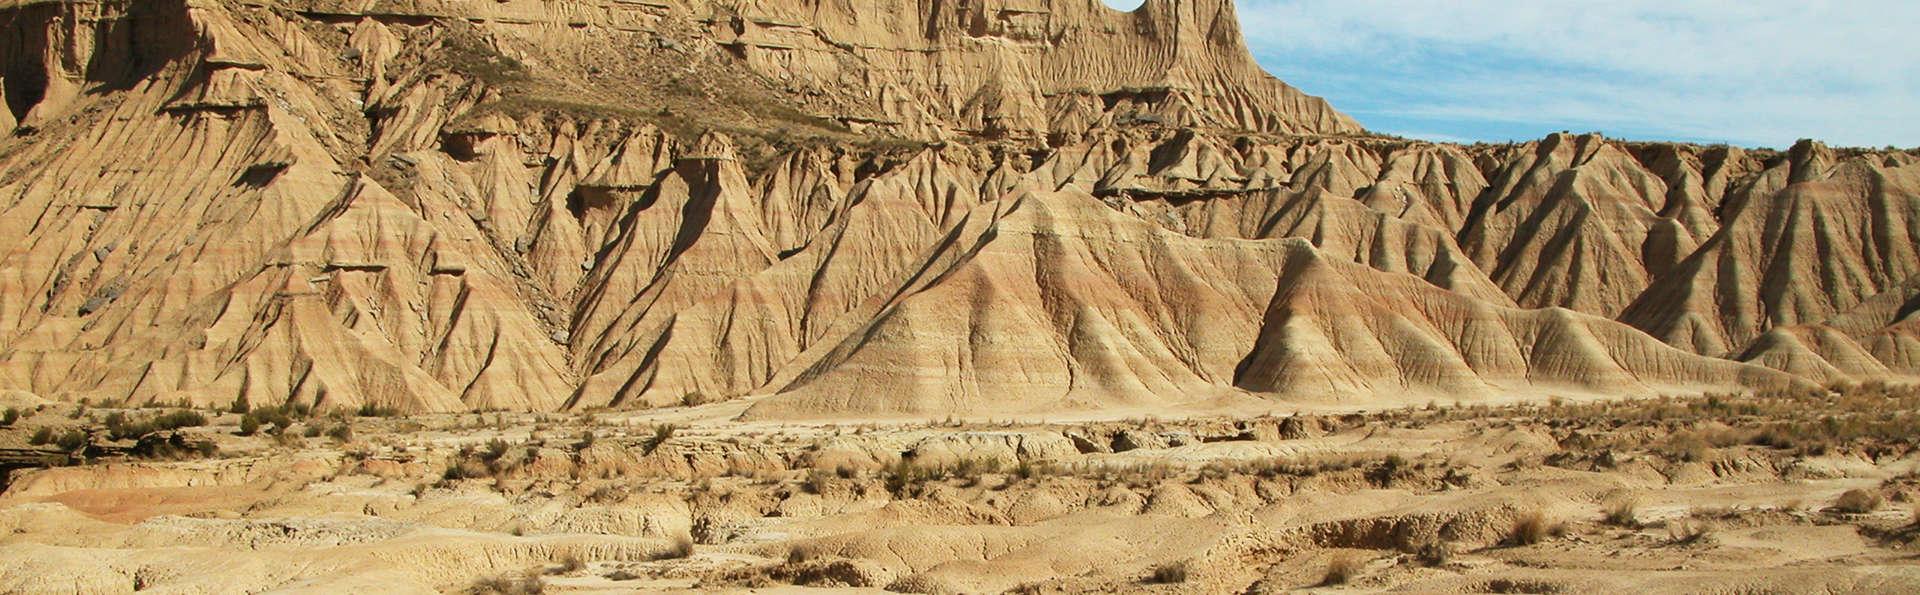 Visitez le désert des Bardenas Reales, pique-nique inclus